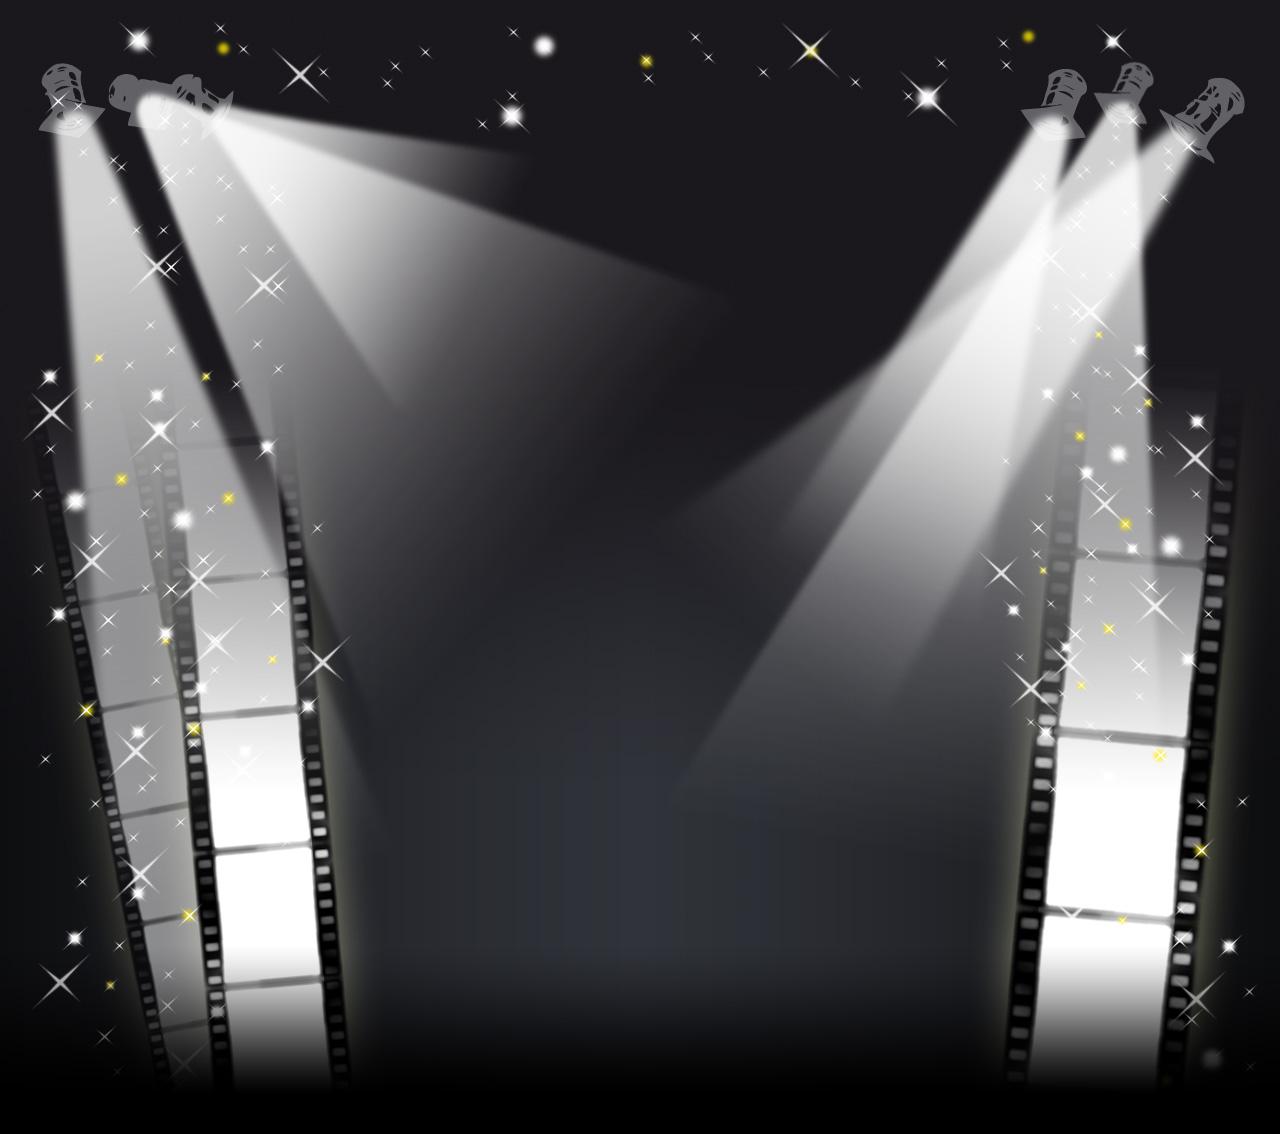 Comprendre les carrières liées au domaine du cinéma grâce à ecole-de-cinema.net